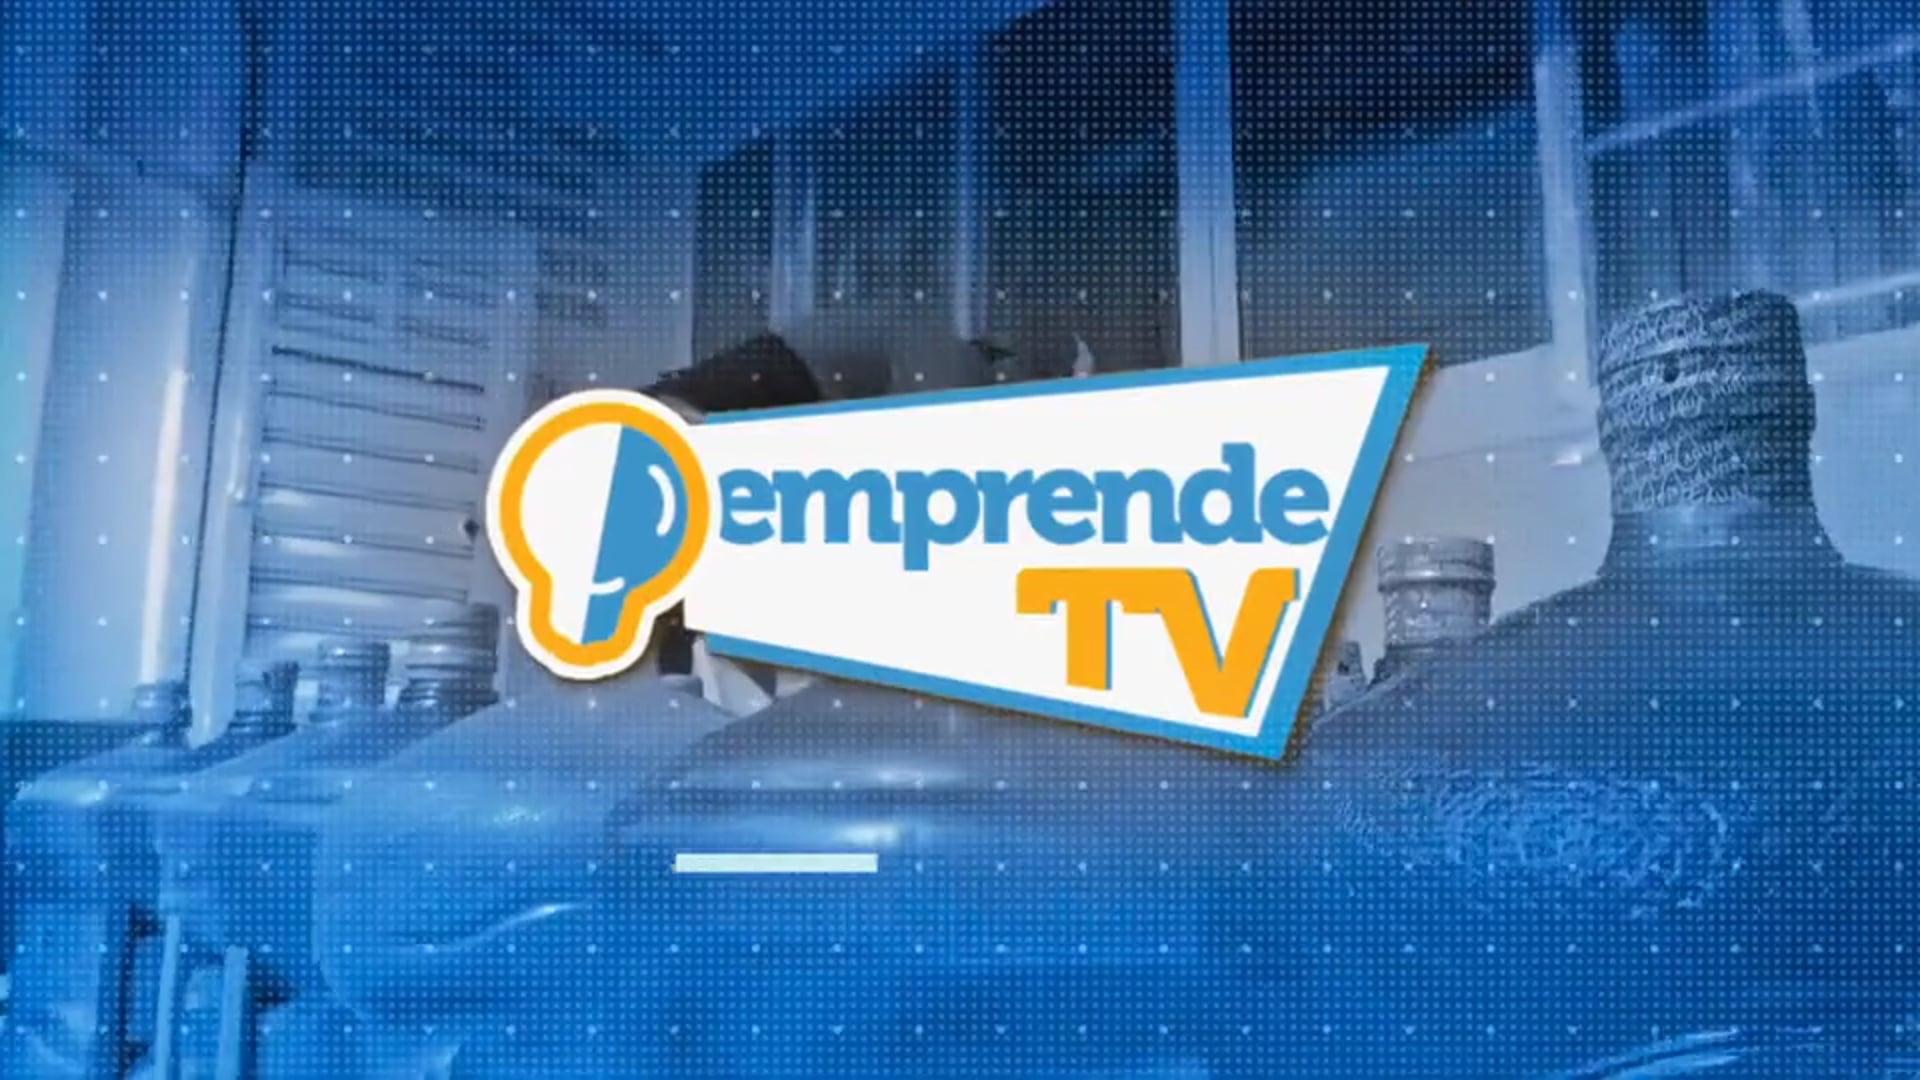 Emprende TV